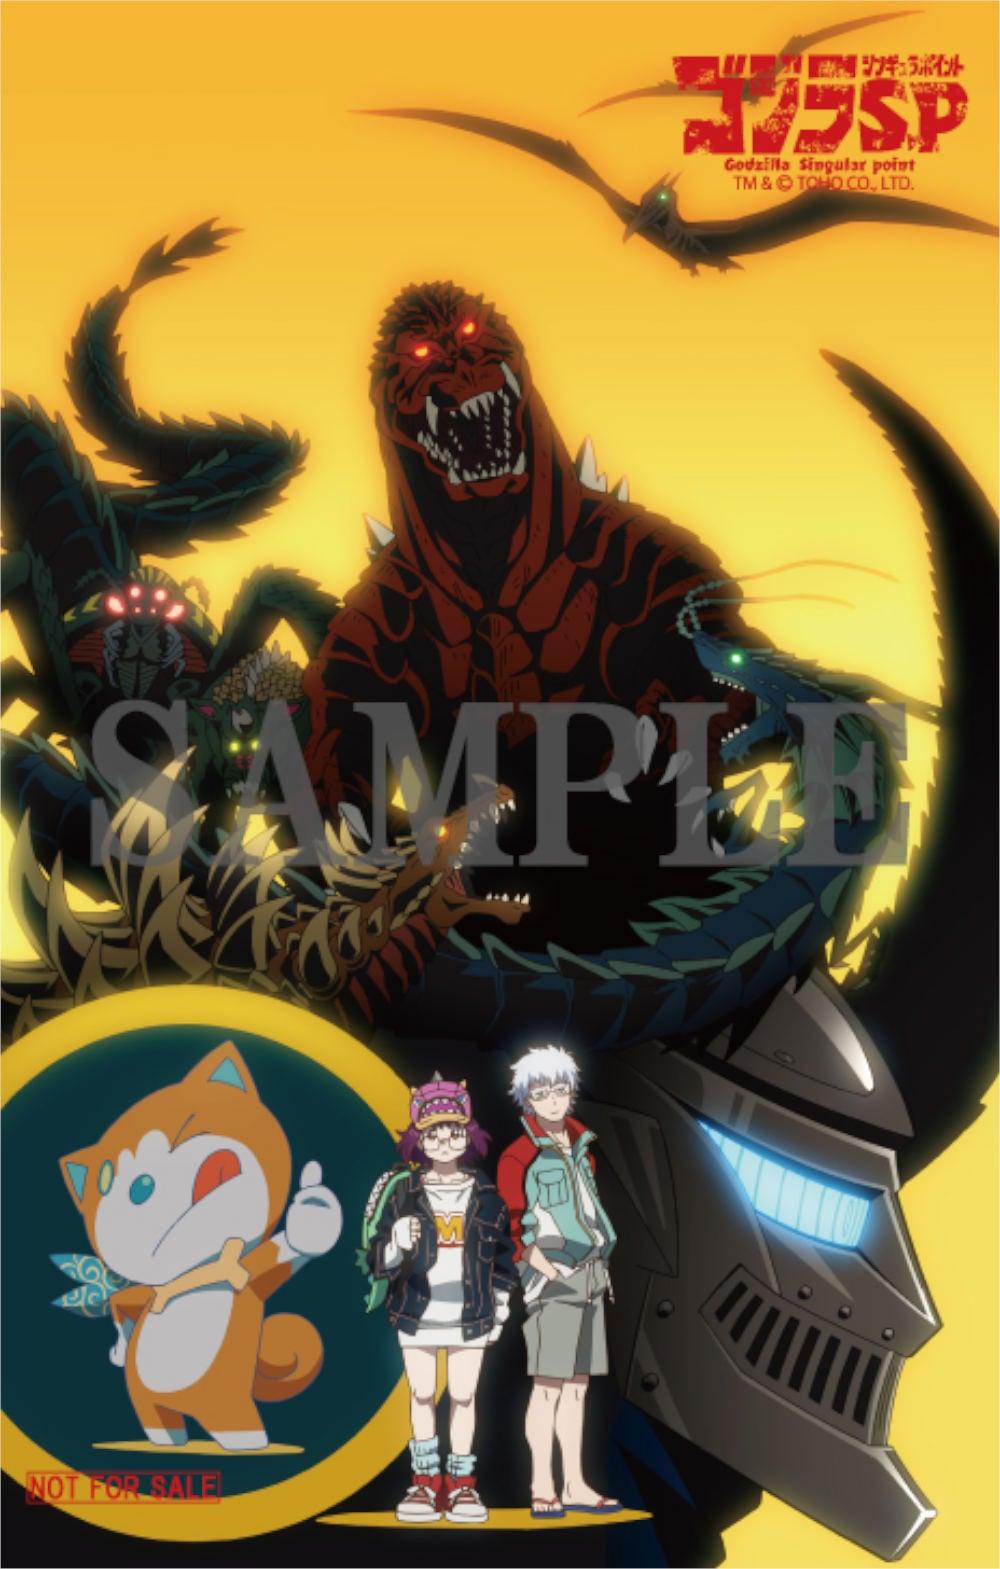 ゴジラ S.P <シンギュラポイント> Vol.1 DVD 初回生産限定版